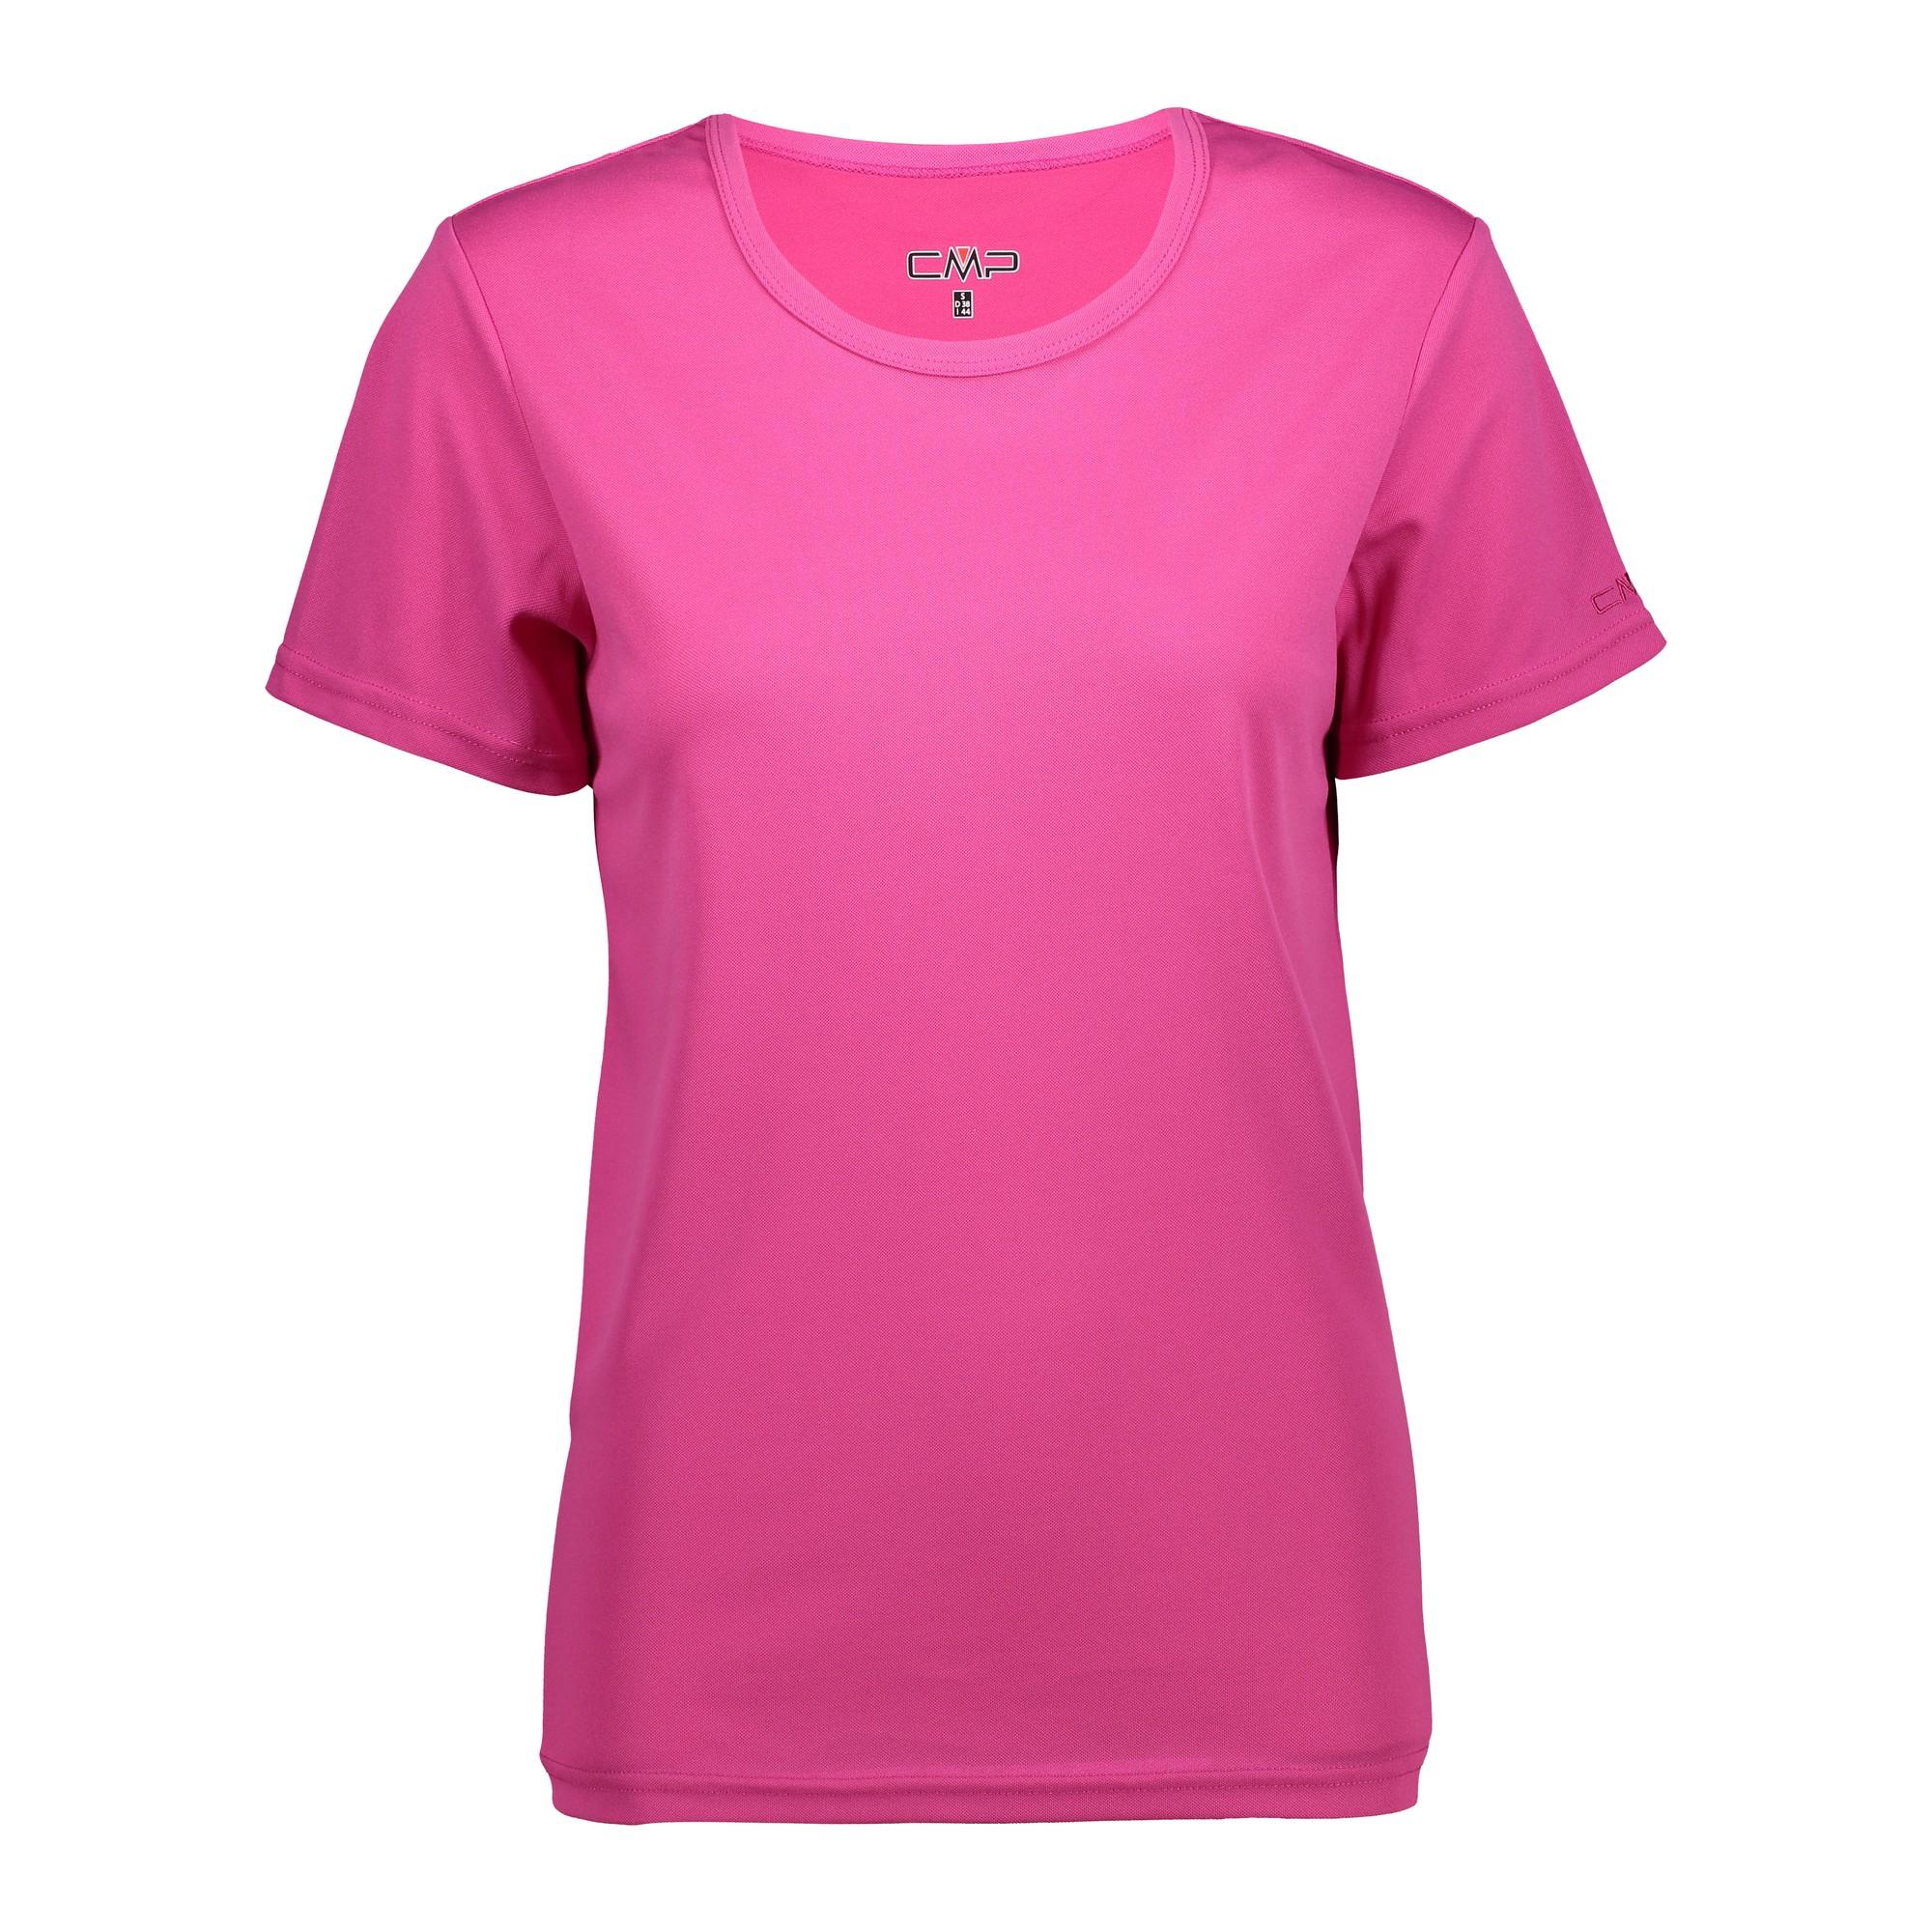 CMP Funktionsshirt Shirt WOMAN T-SHIRT blau atmungsaktiv antibakteriell Piqué